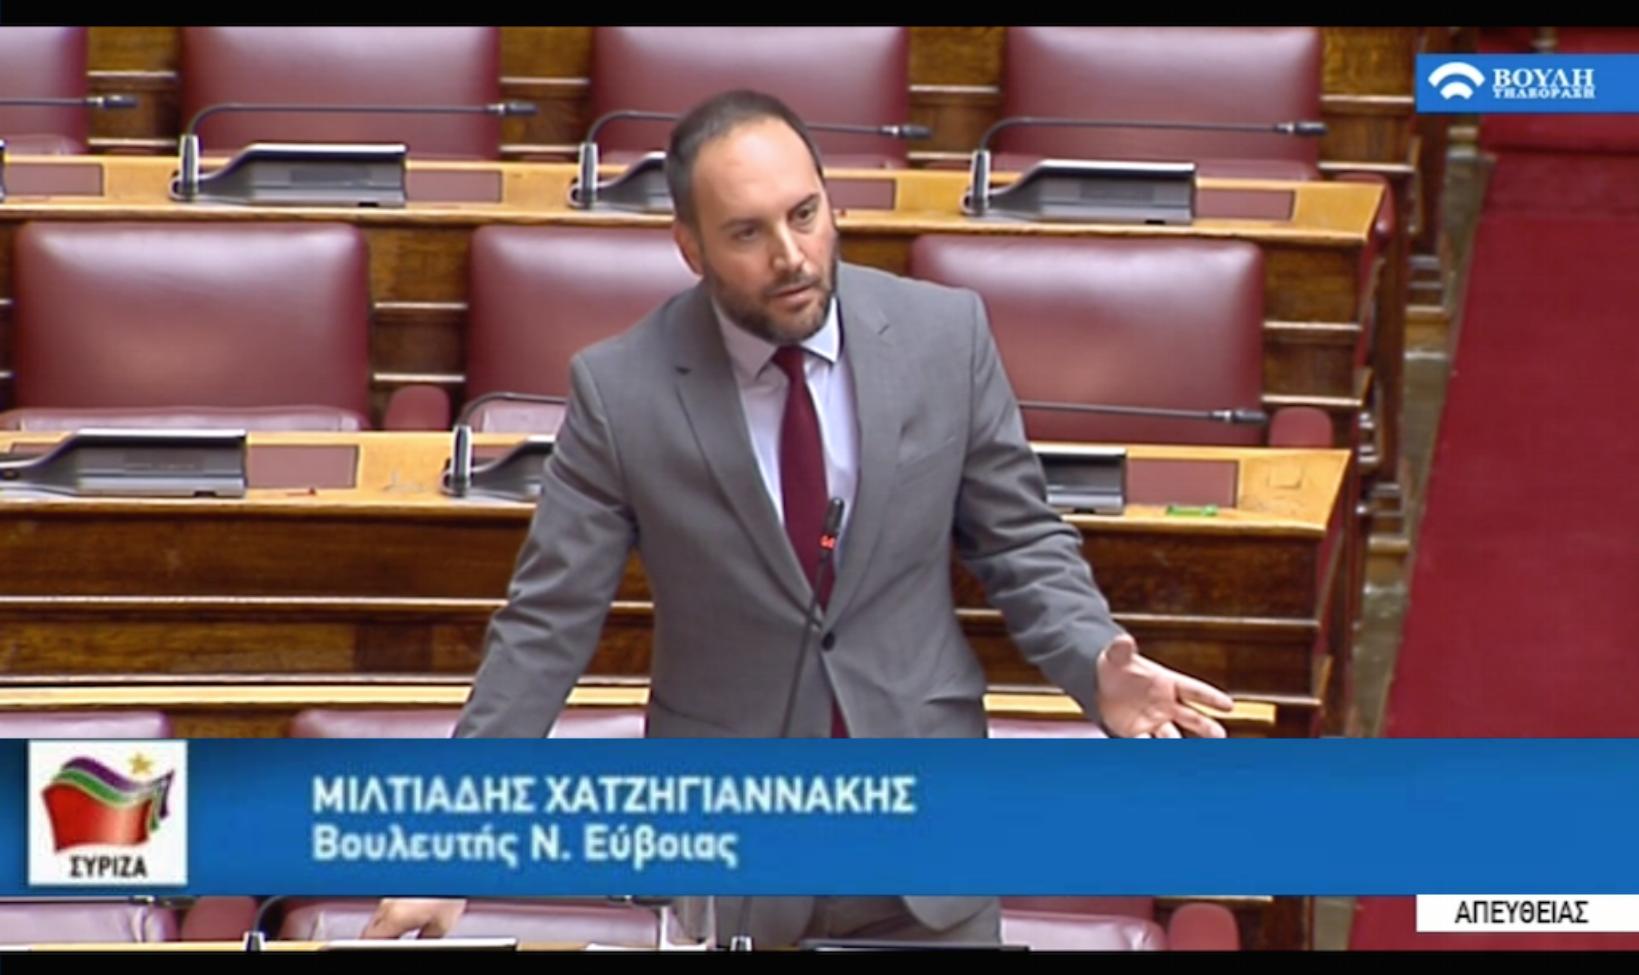 Μίλτος Χατζηγιαννάκης, Μίλτος Χατζηγιαννάκης: Οι δικηγόροι δεν είναι παρίες, η κυβέρνηση έχει υποχρέωση να τους στηρίξει, Eviathema.gr | ΕΥΒΟΙΑ ΝΕΑ - Νέα και ειδήσεις από όλη την Εύβοια